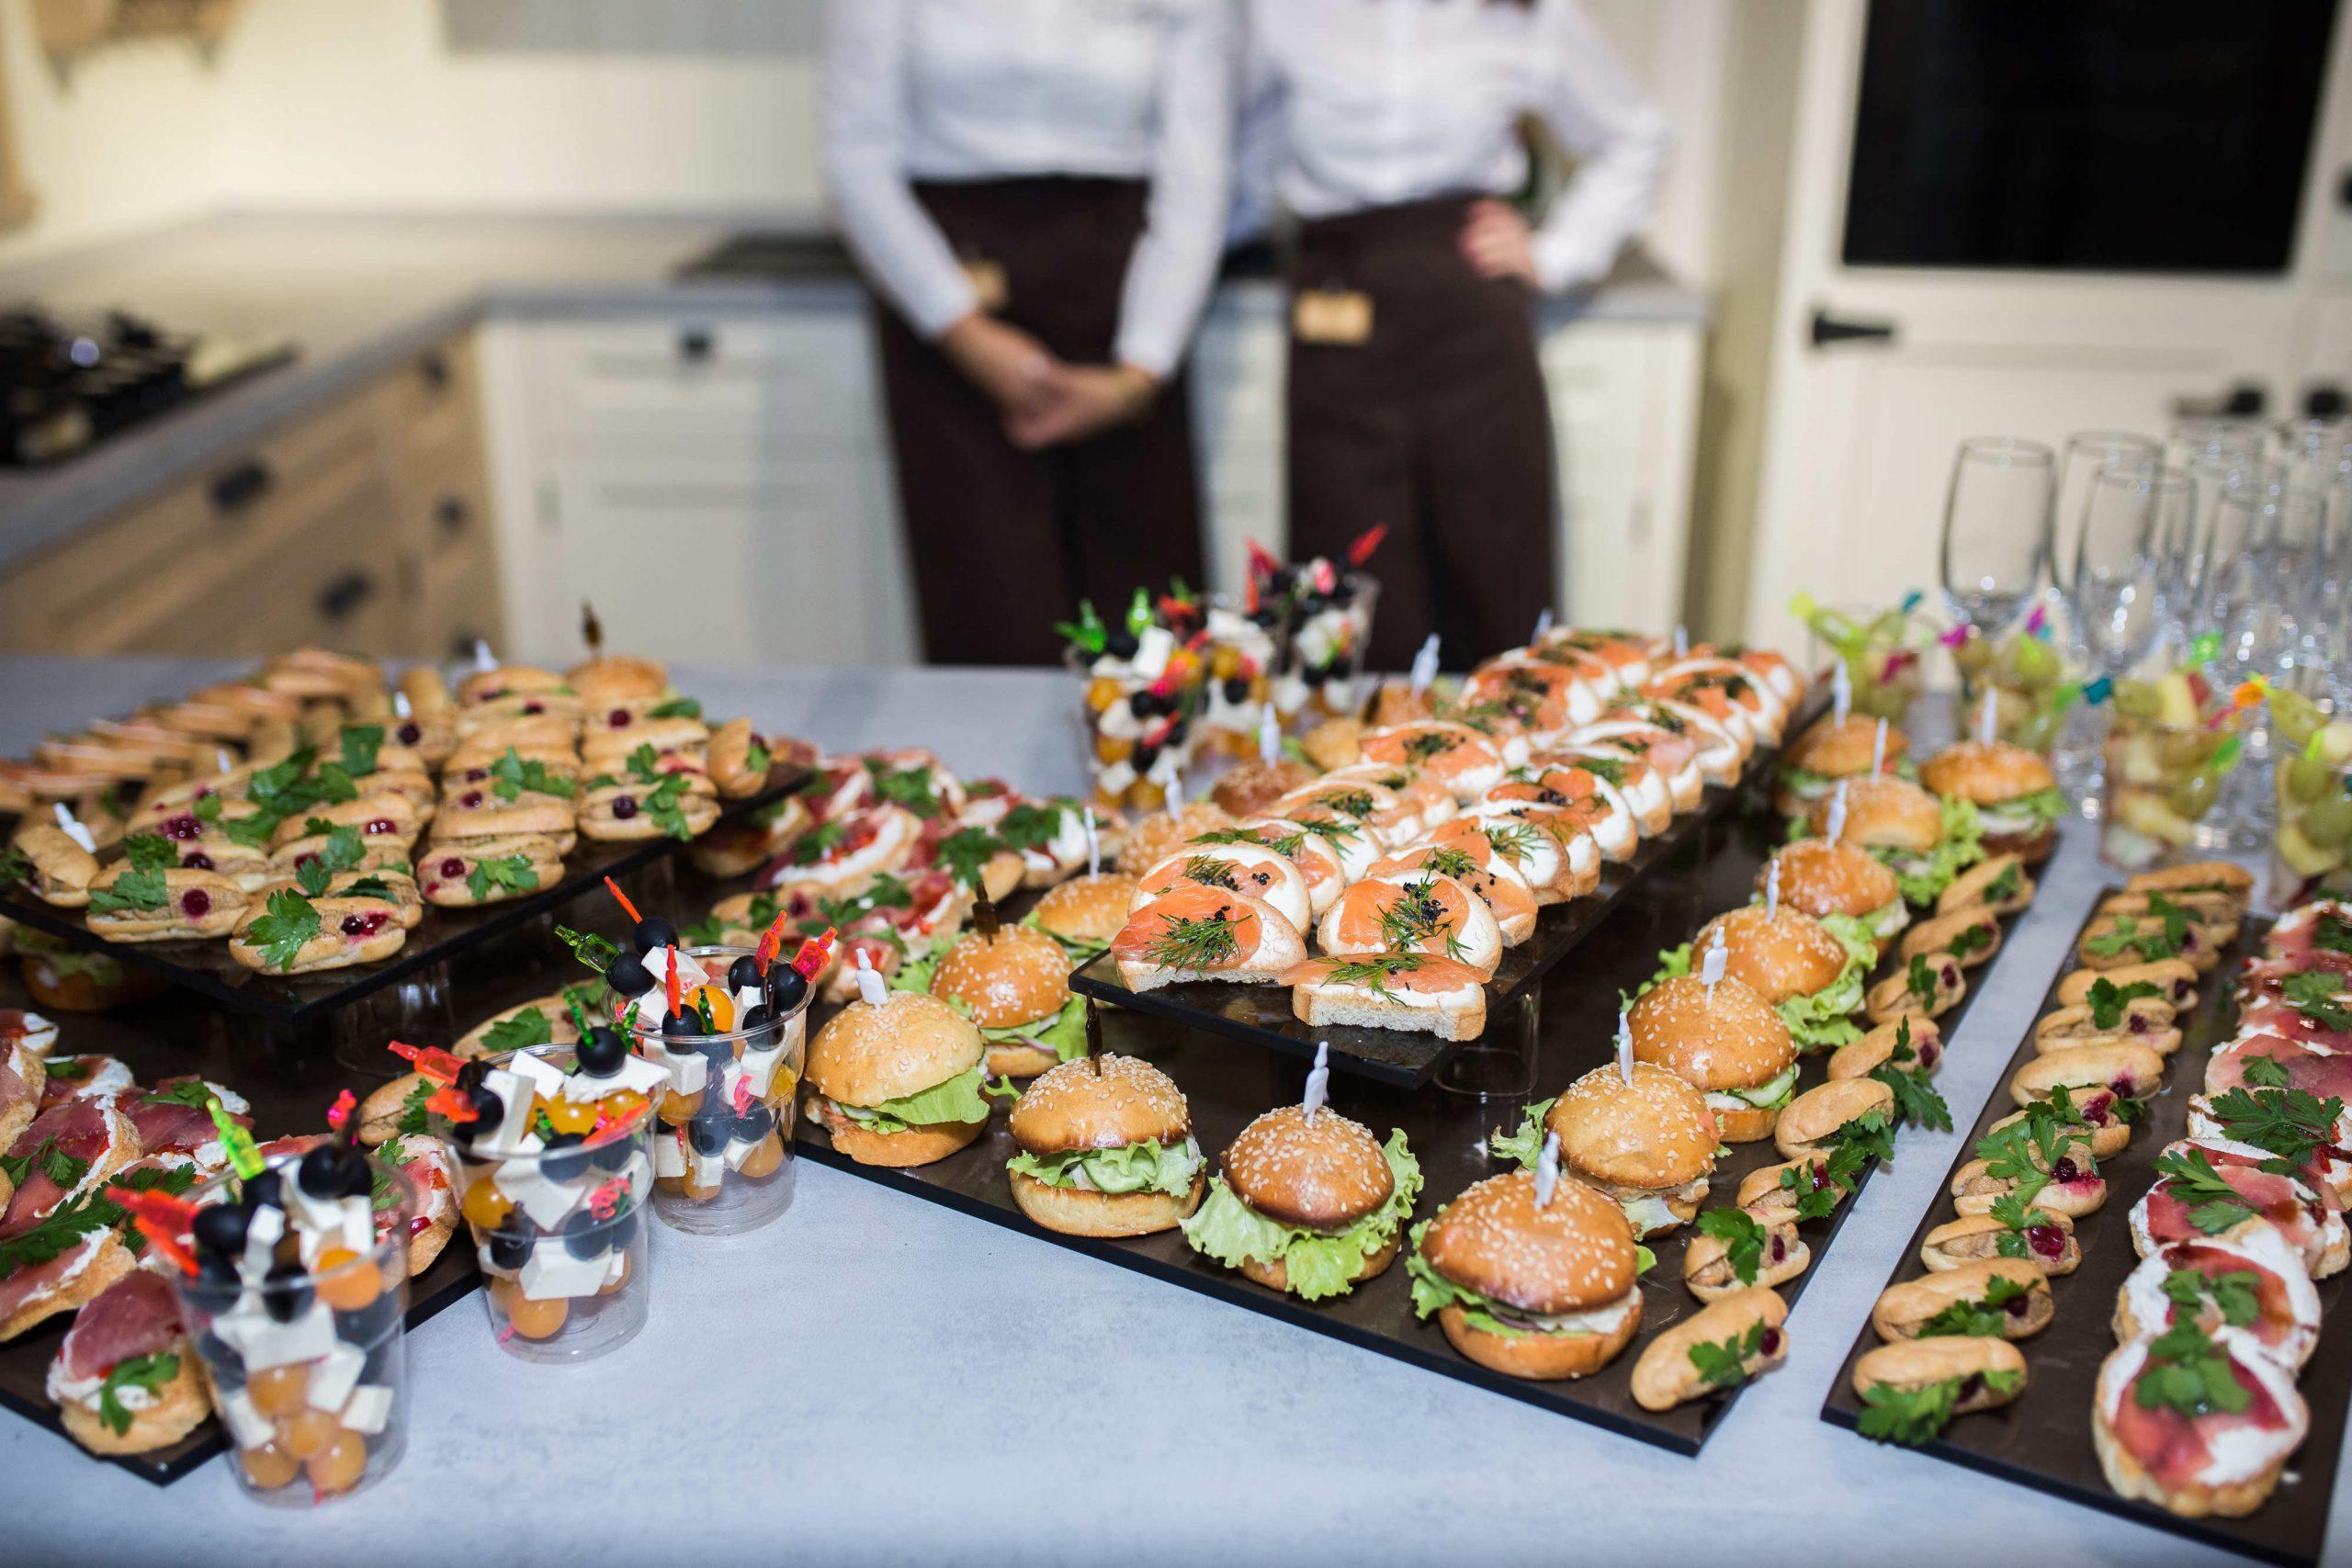 ¿Cómo elegir el servicio de catering más adecuado para mi evento?